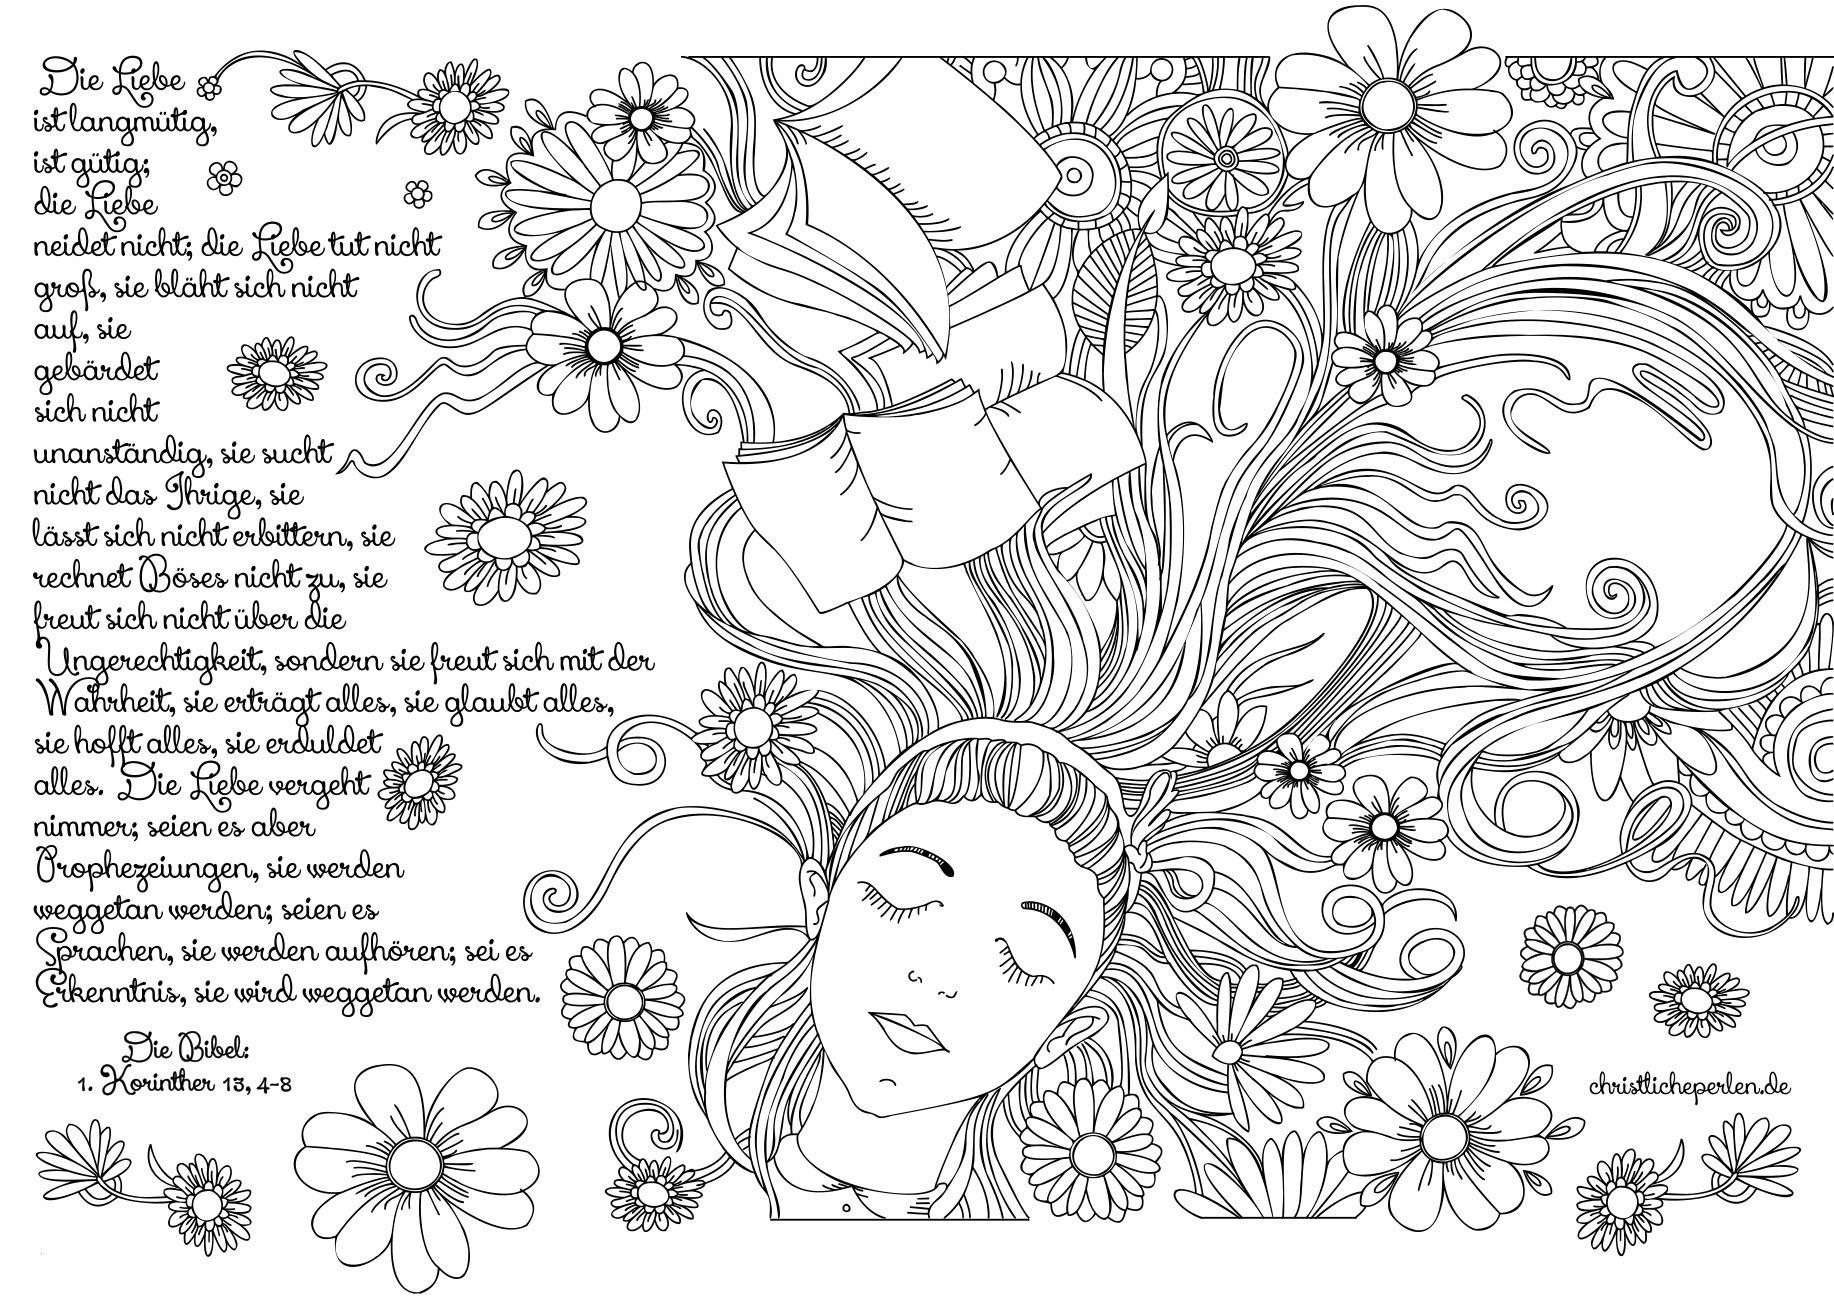 Ausmalbilder thema Wald Genial Schmetterling Zeichnung Malvorlagen Igel Inspirierend Igel Fotos